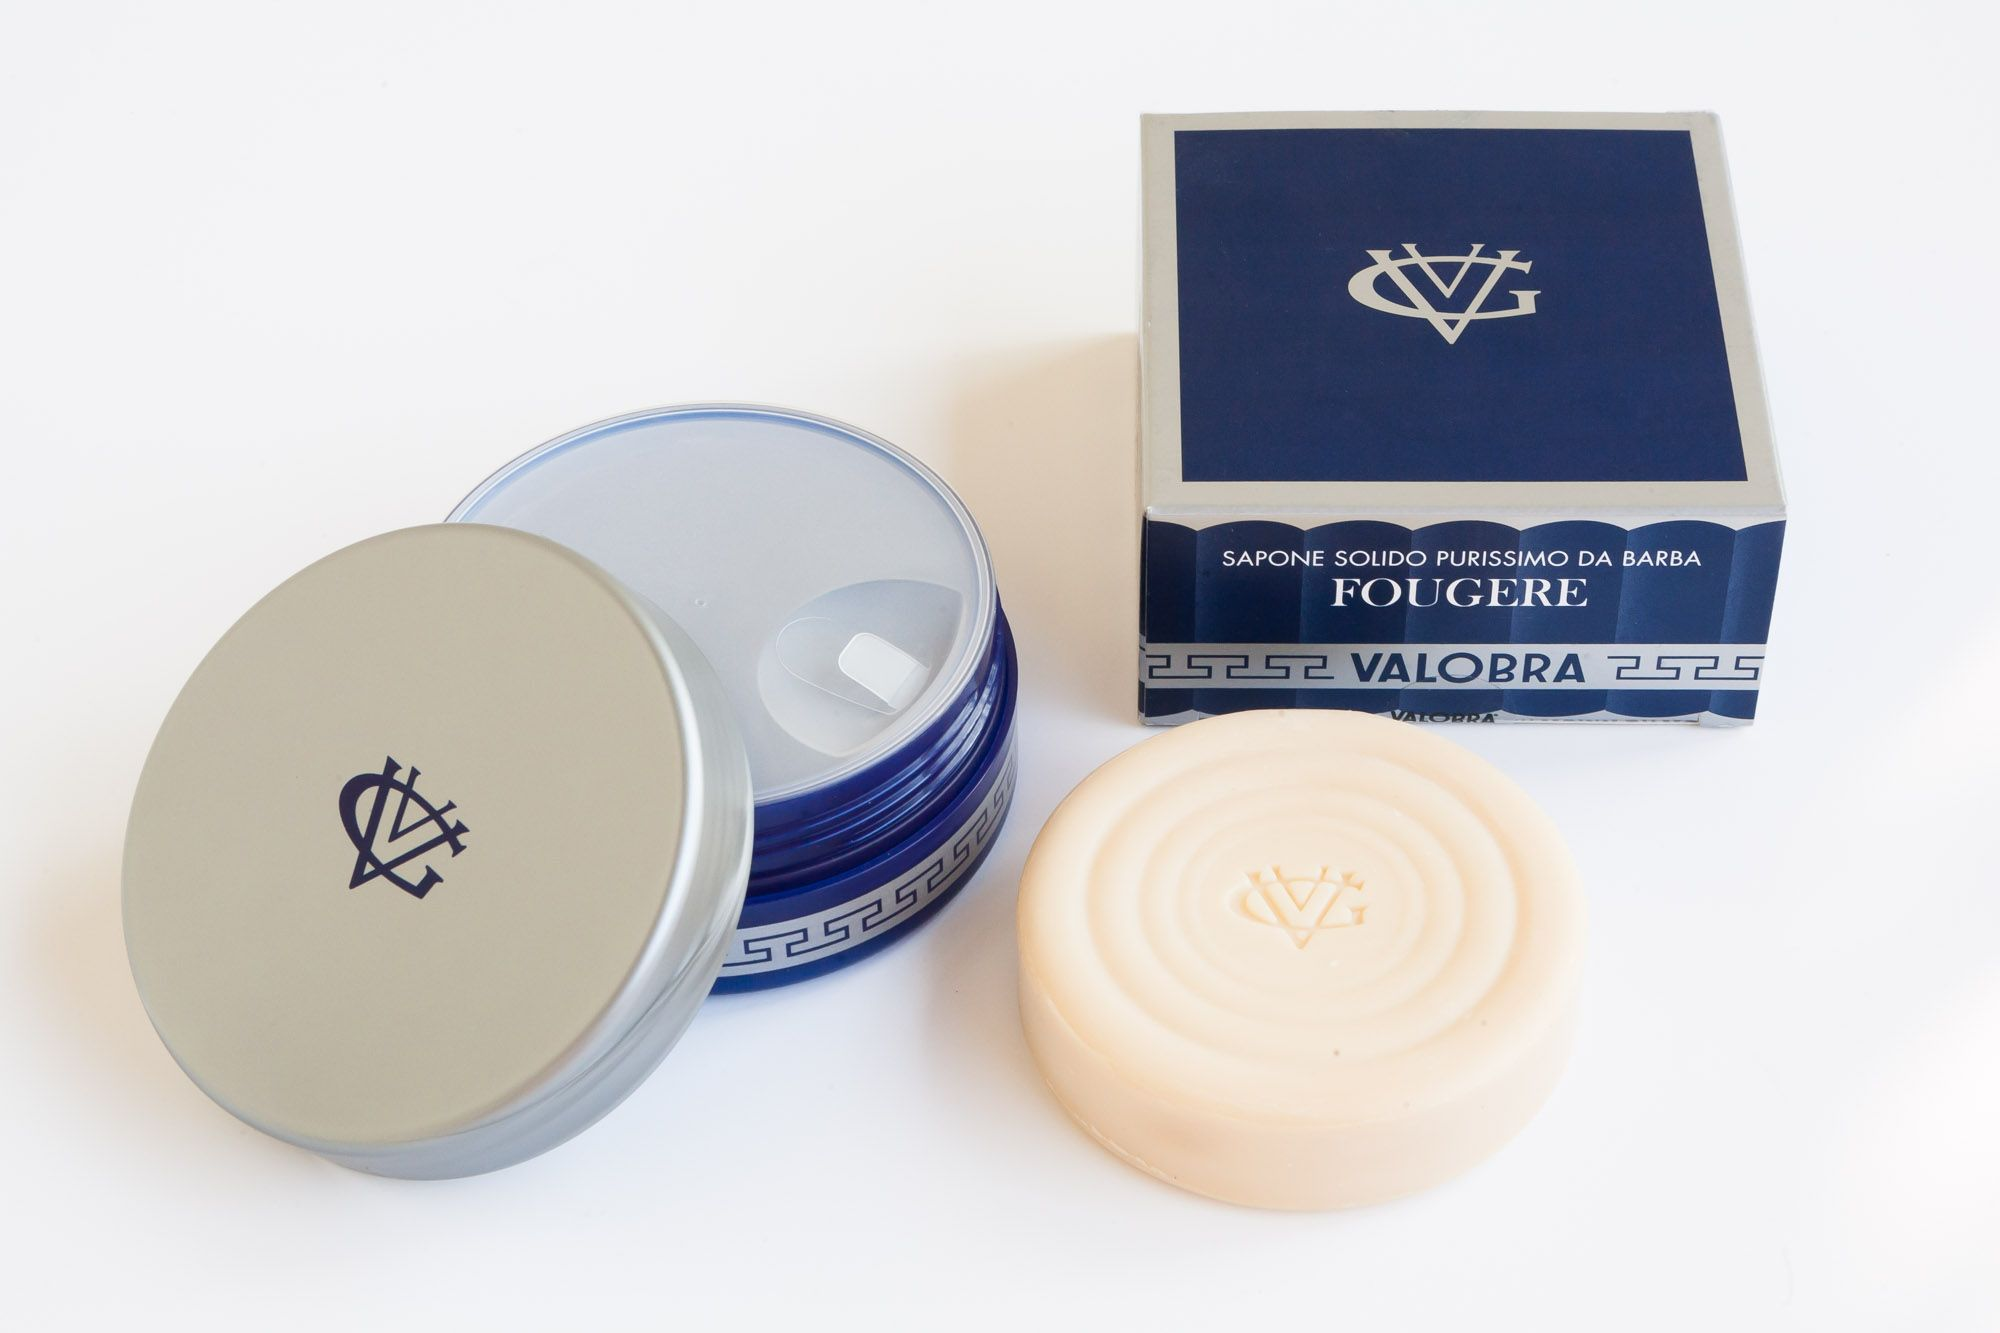 Mydło do golenia Valobra Fougere – zawartość opakowania